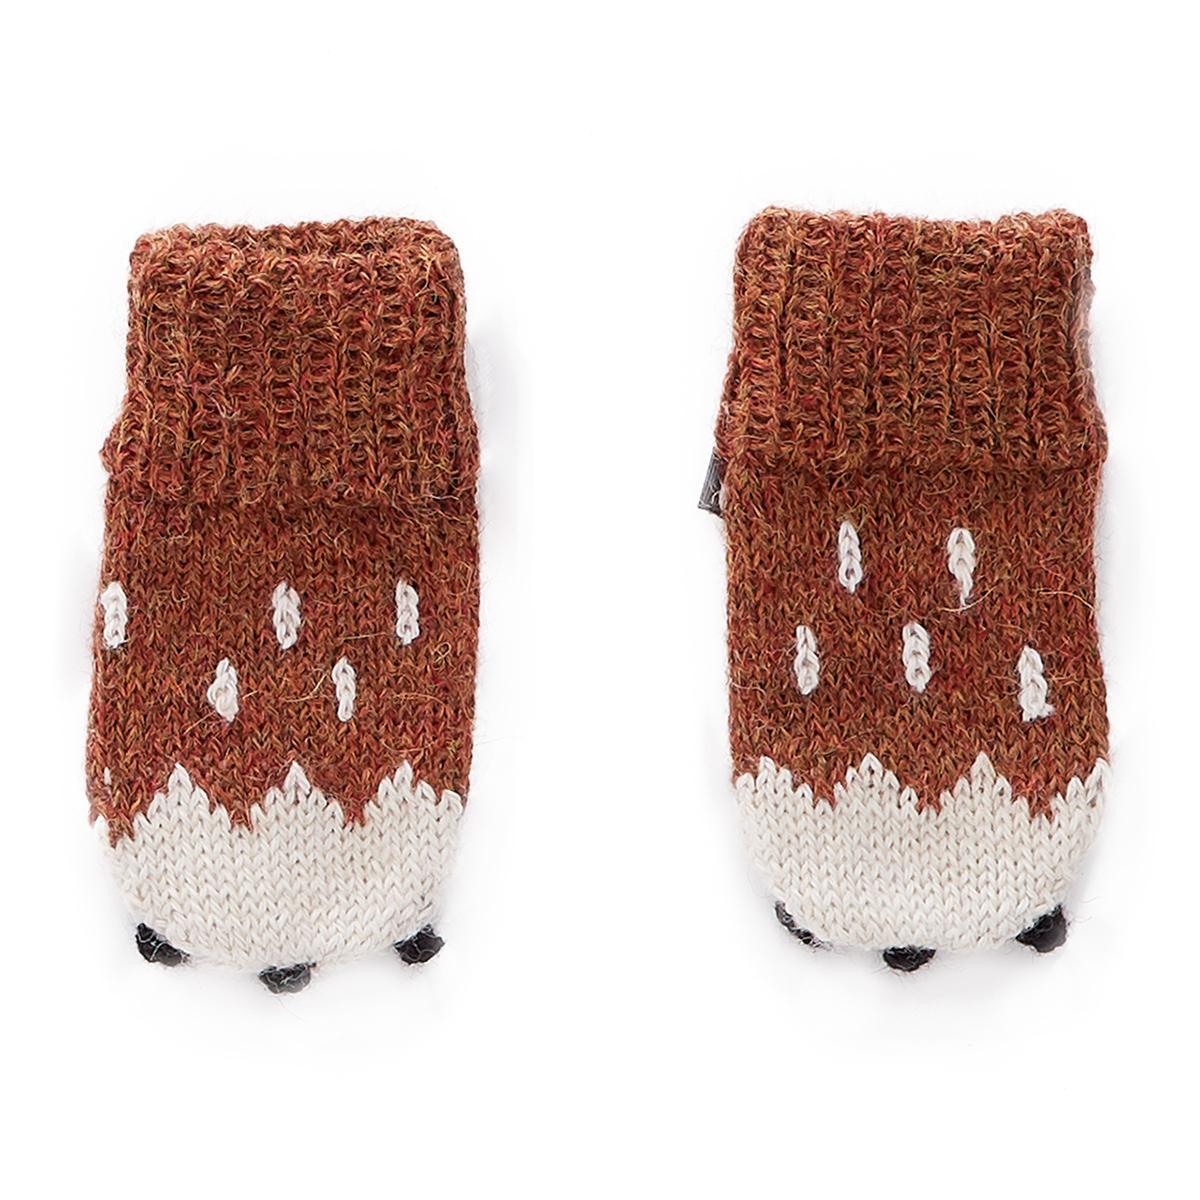 Accessoires Bébé Moufles Bambi Marron - 6/12 Mois Moufles Bambi Marron - 6/12 Mois